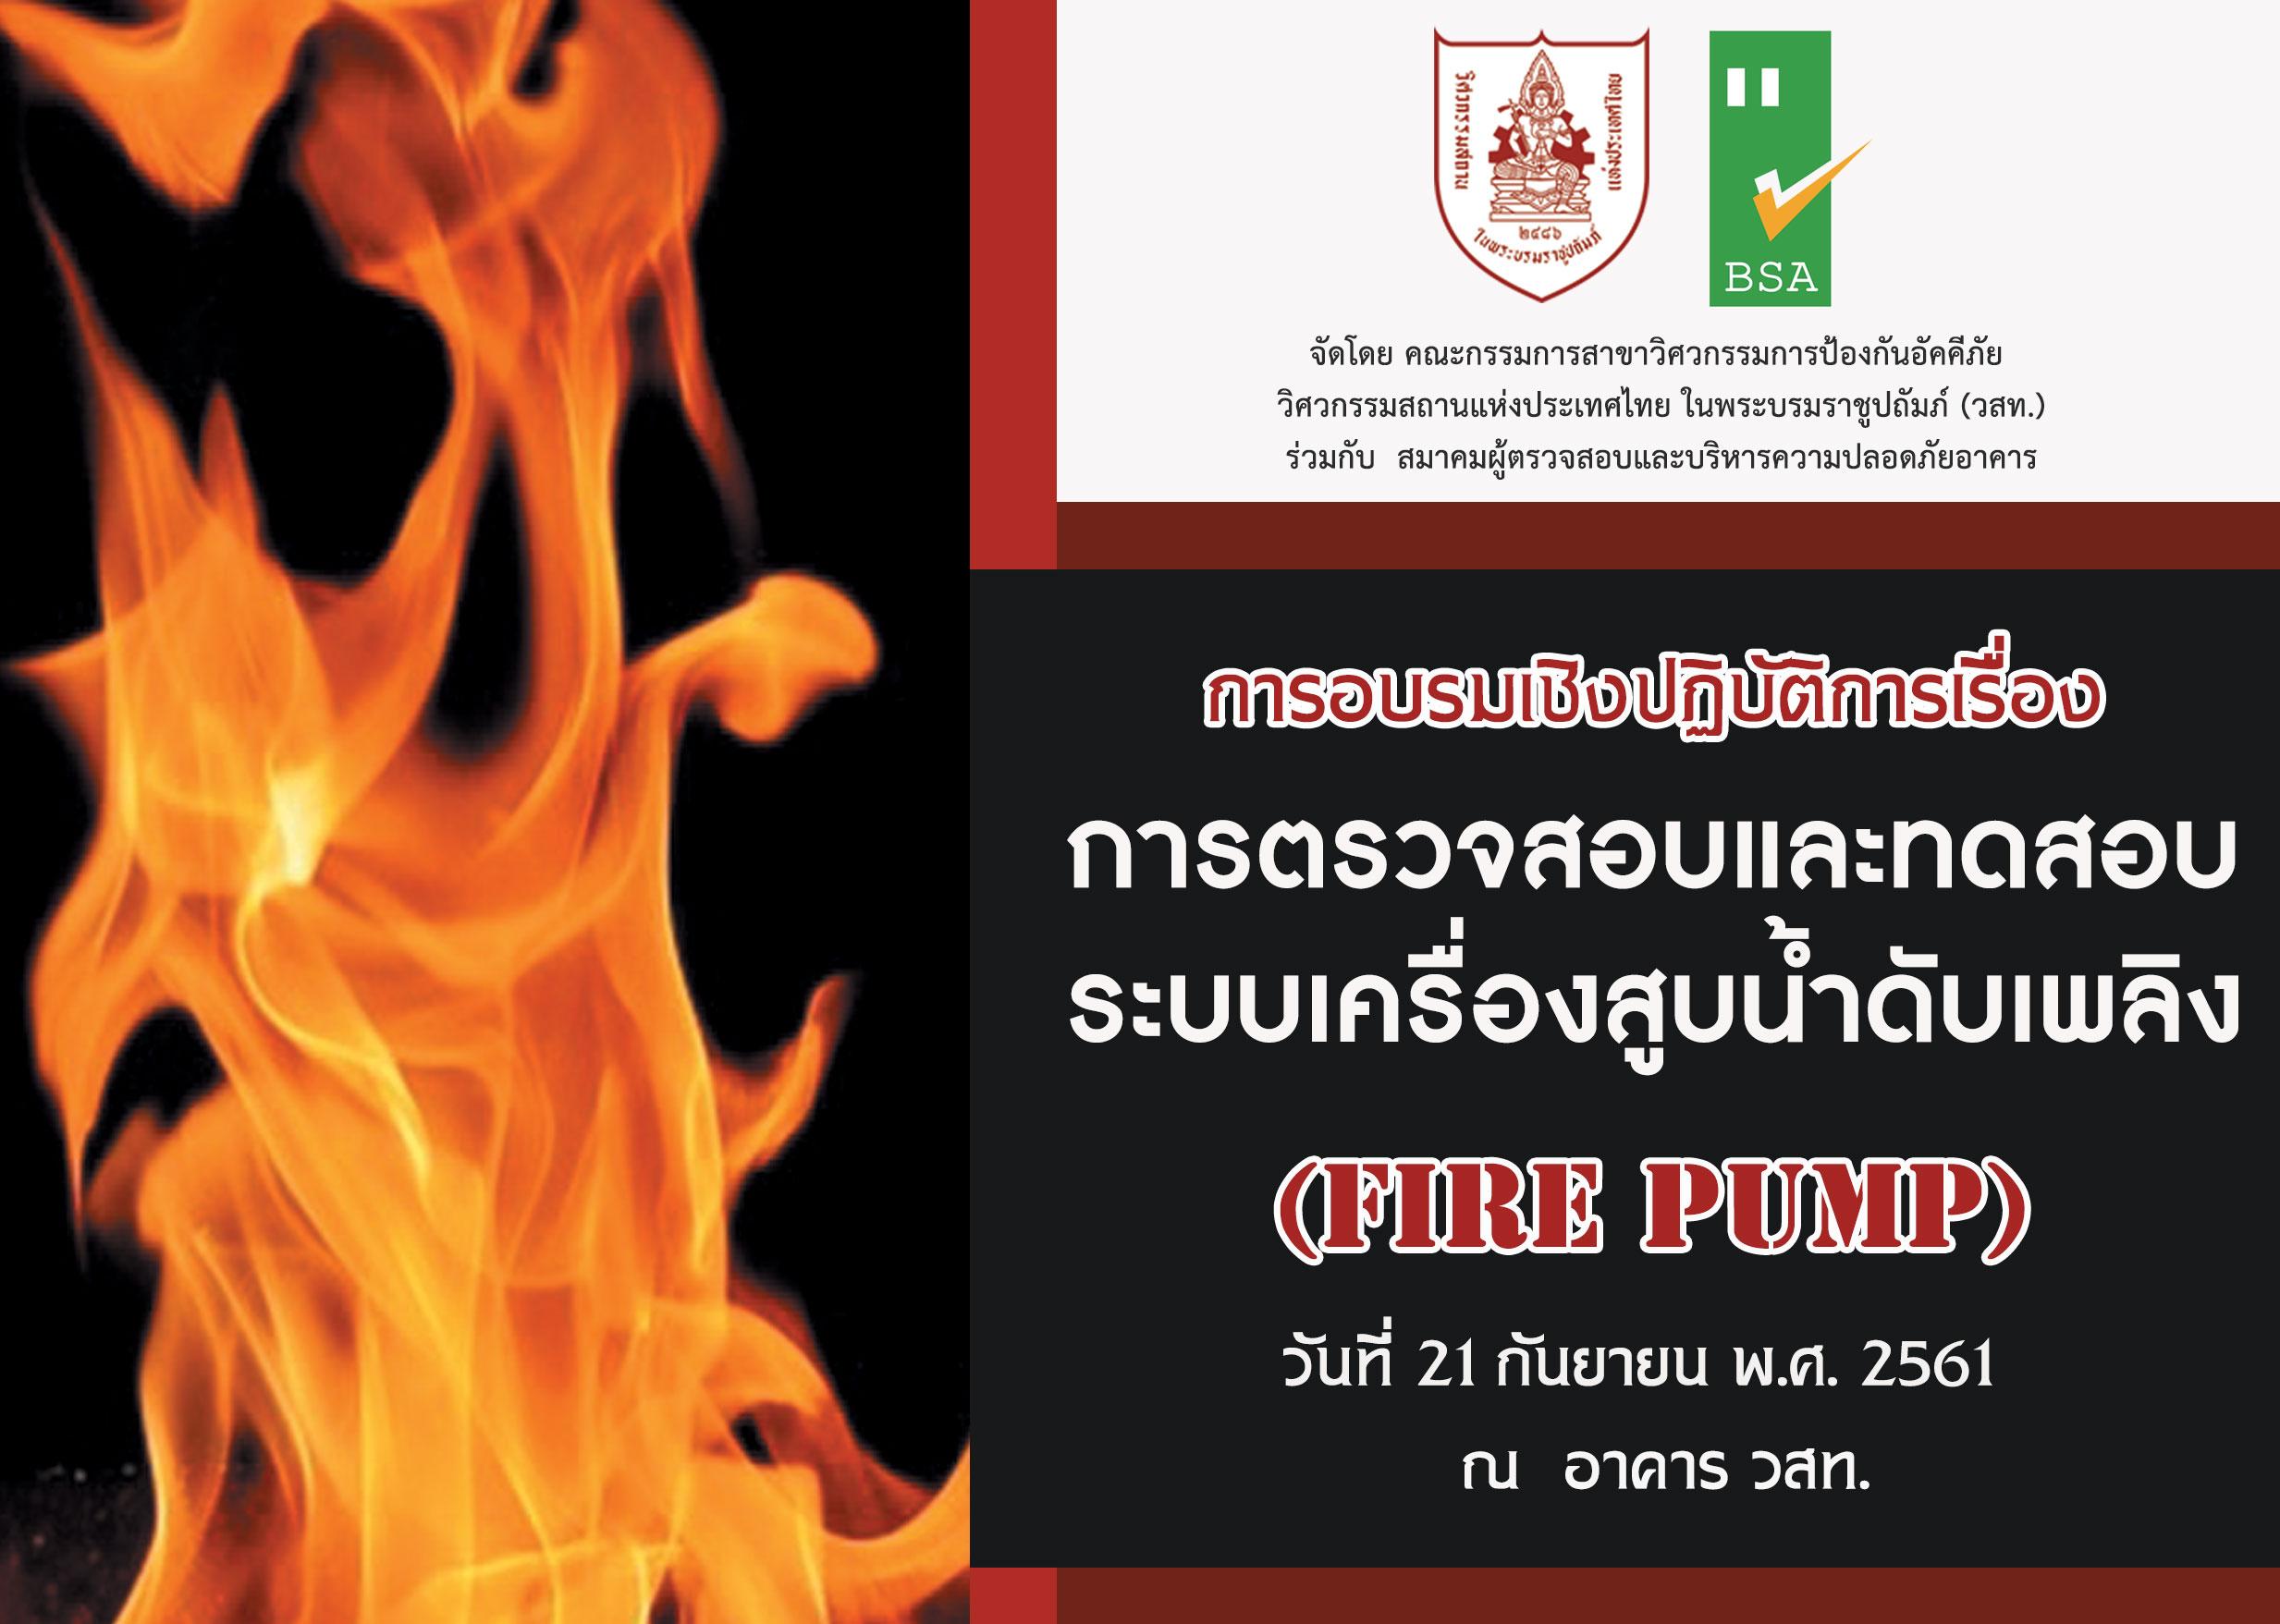 21/09/2561การอบรมเชิงปฏิบัติการเรื่อง การตรวจสอบและทดสอบระบบเครื่องสูบน้ำดับเพลิง (Fire Pump) (ภาคทฤษฎี และภาคปฏิบัติ) รุ่นที่ 13